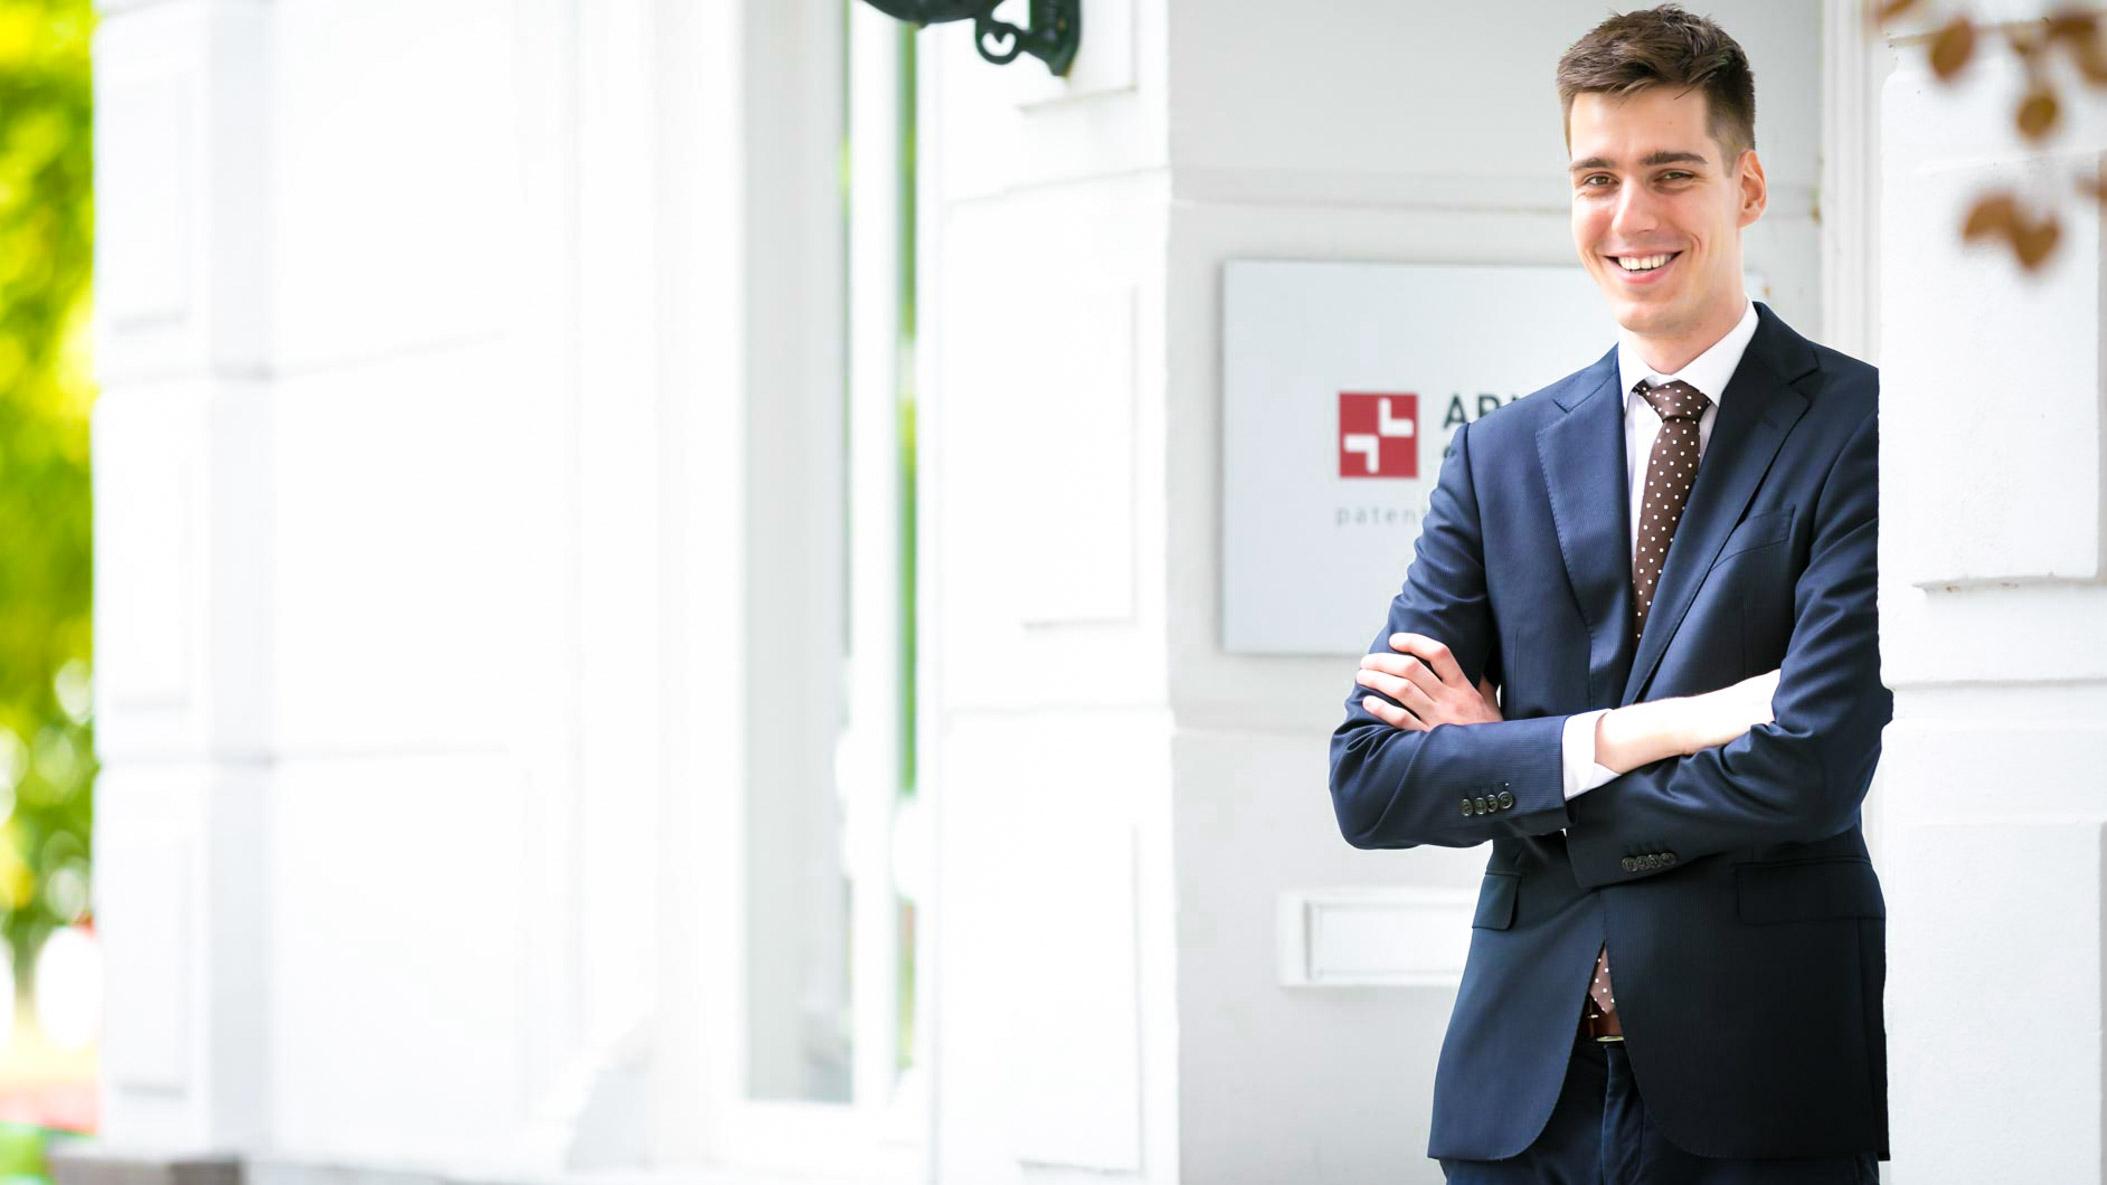 Marketing-Lynx-Portretfotografie-Eindhoven-Ektor-Tsolodimos